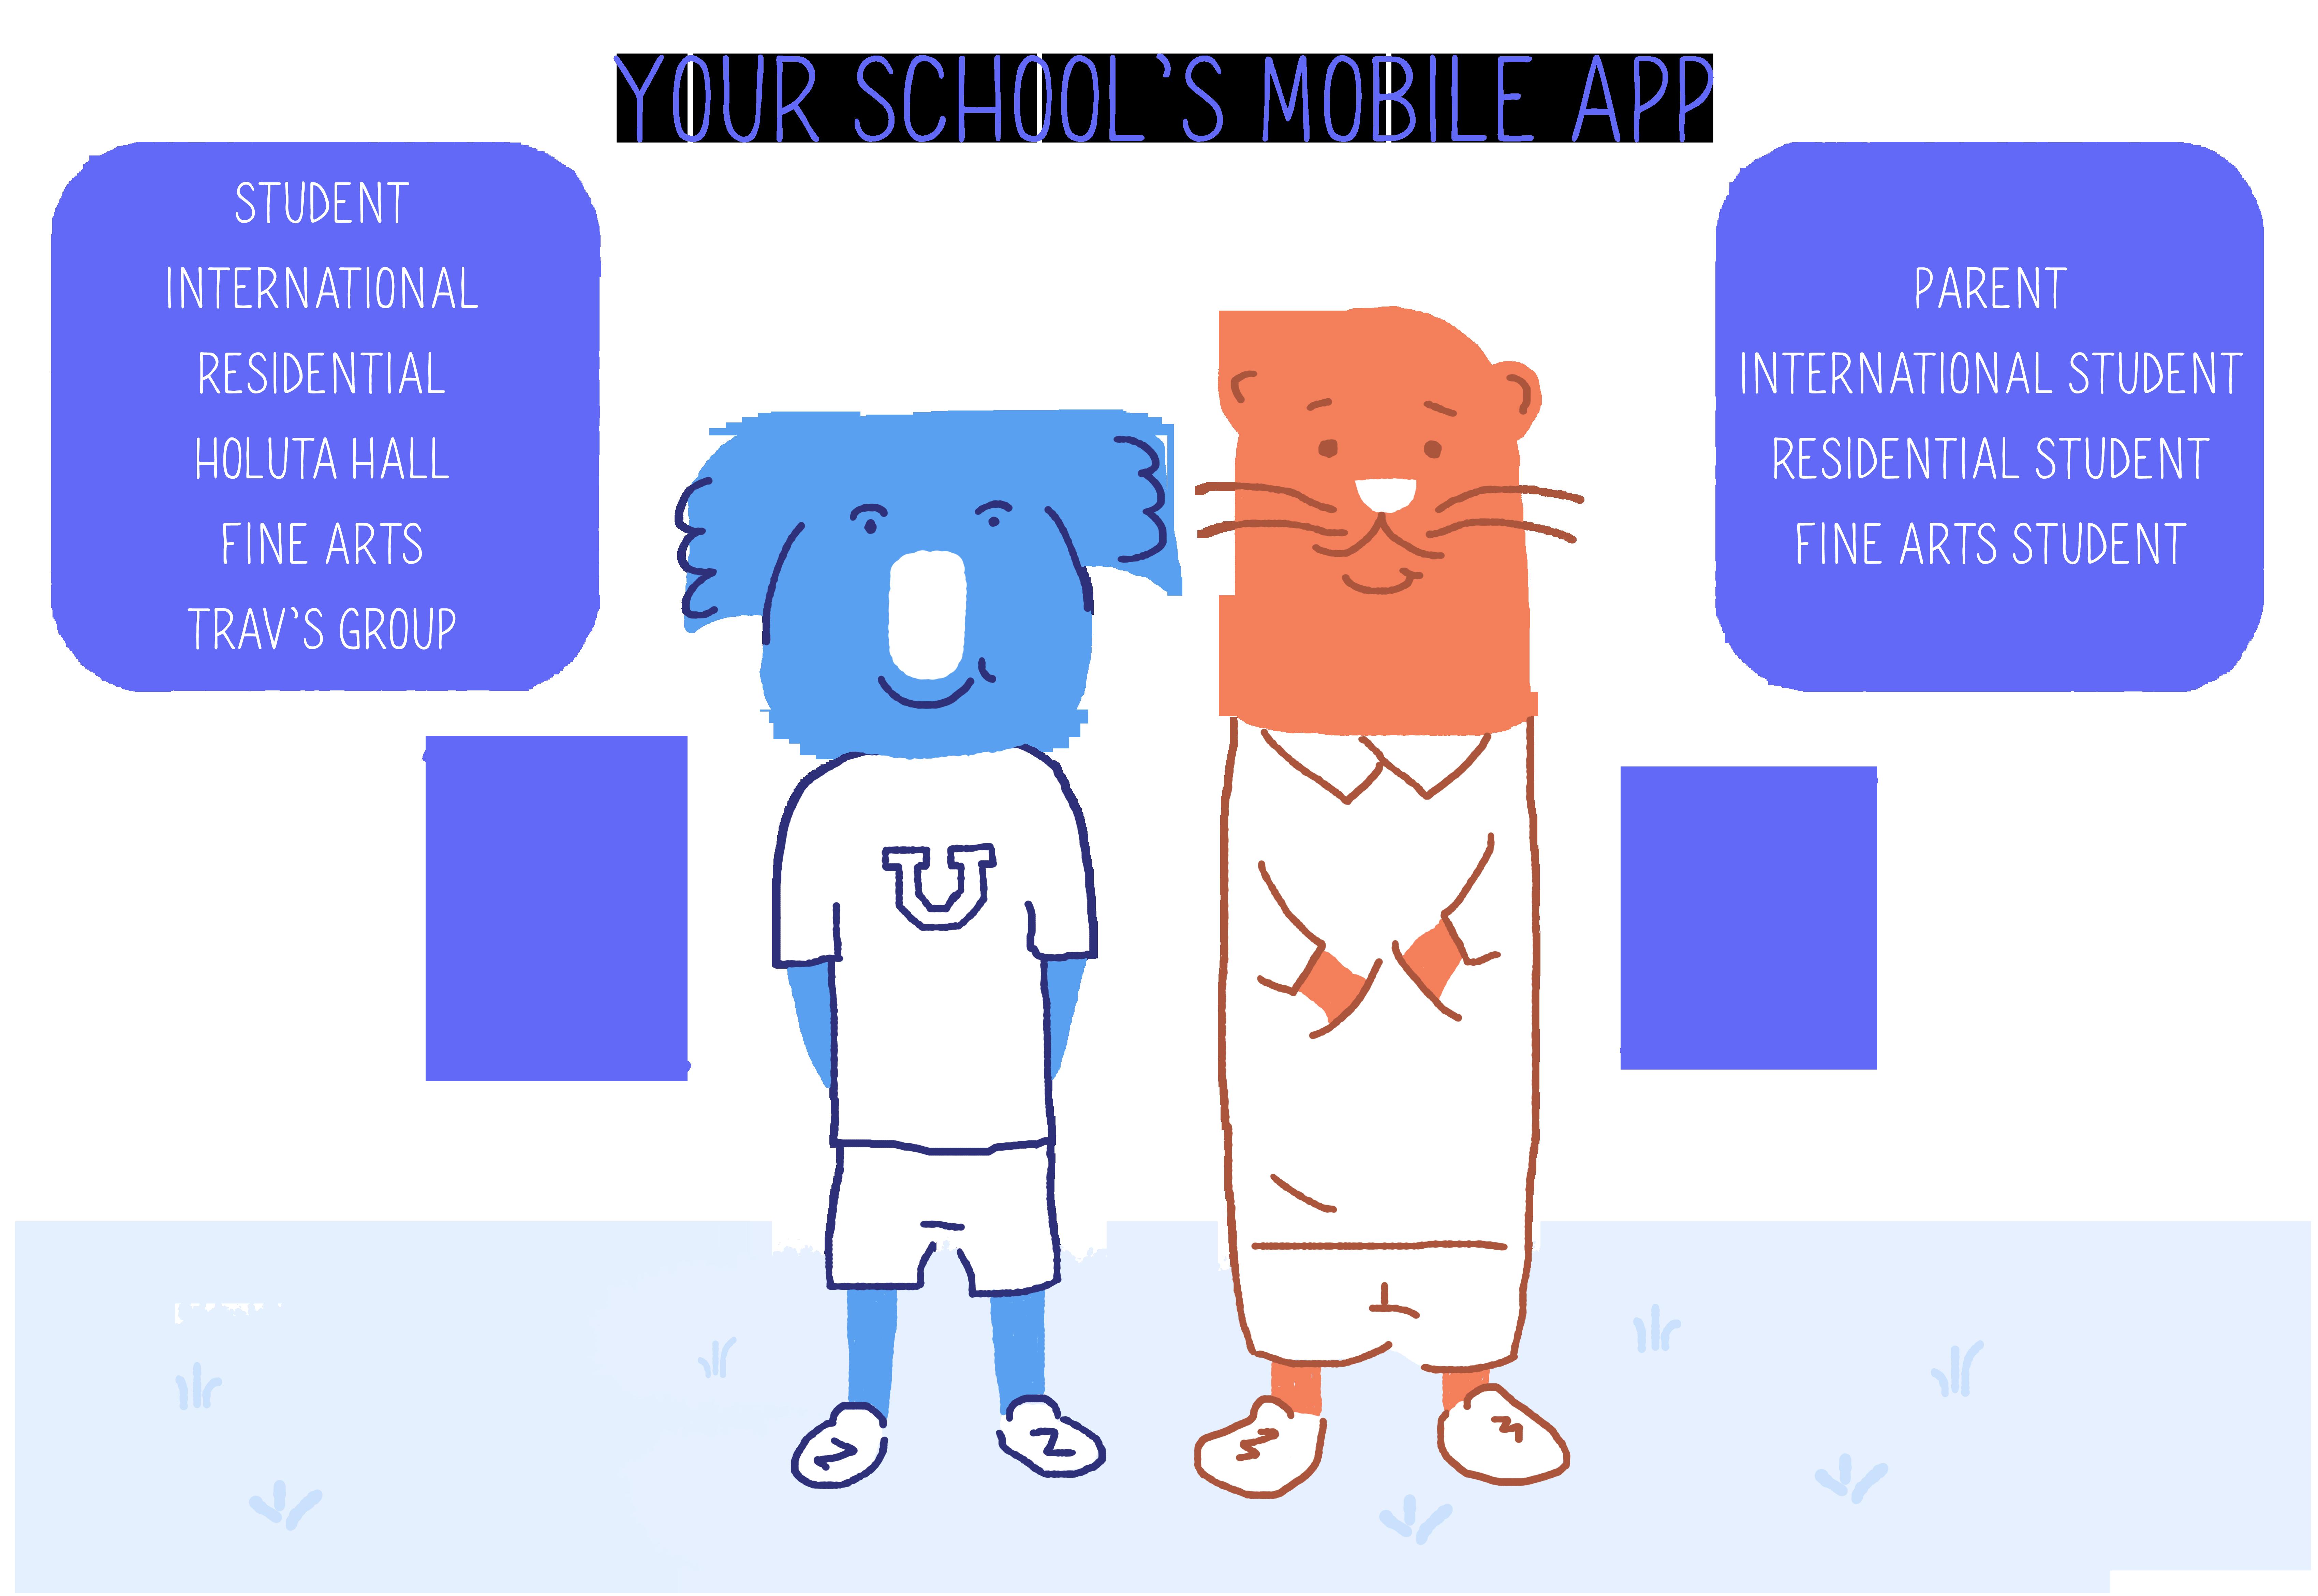 Legit Apps: Colleges